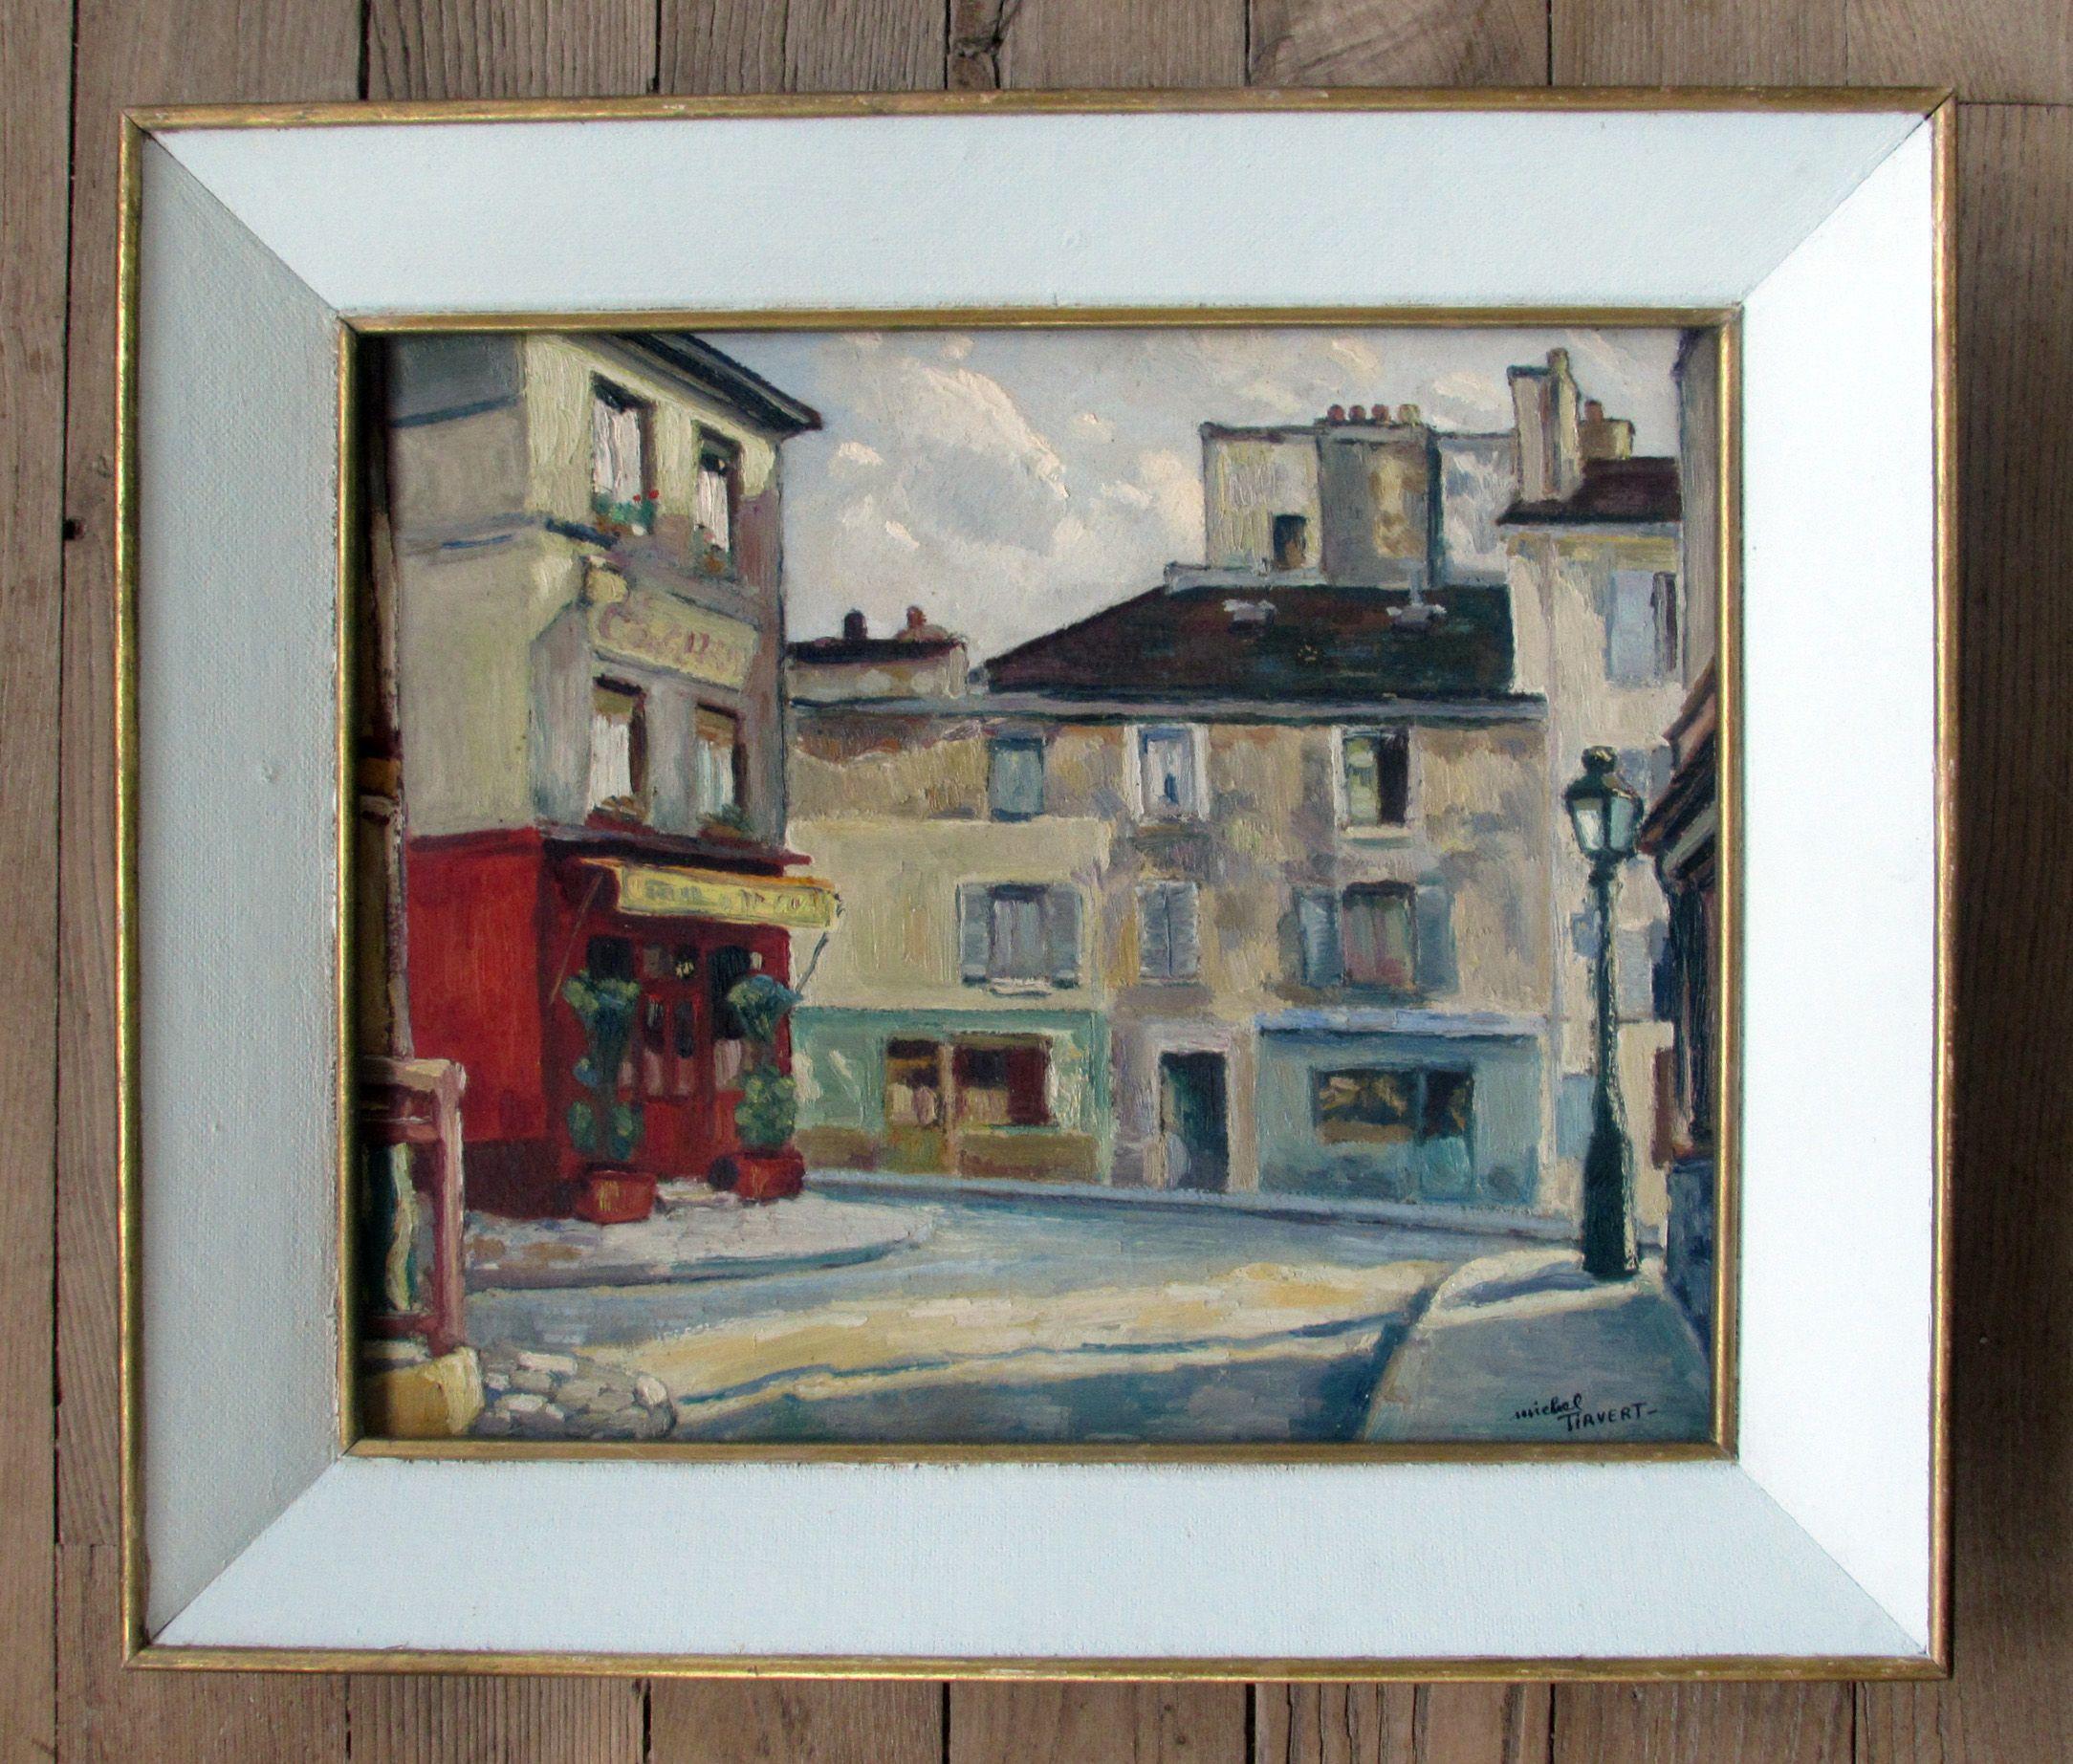 Los pequeños hallazgos de mercadillo. Le Consulat. Óleo sobre lienzo por Michel Tirvert. Vieux Montmartre, París